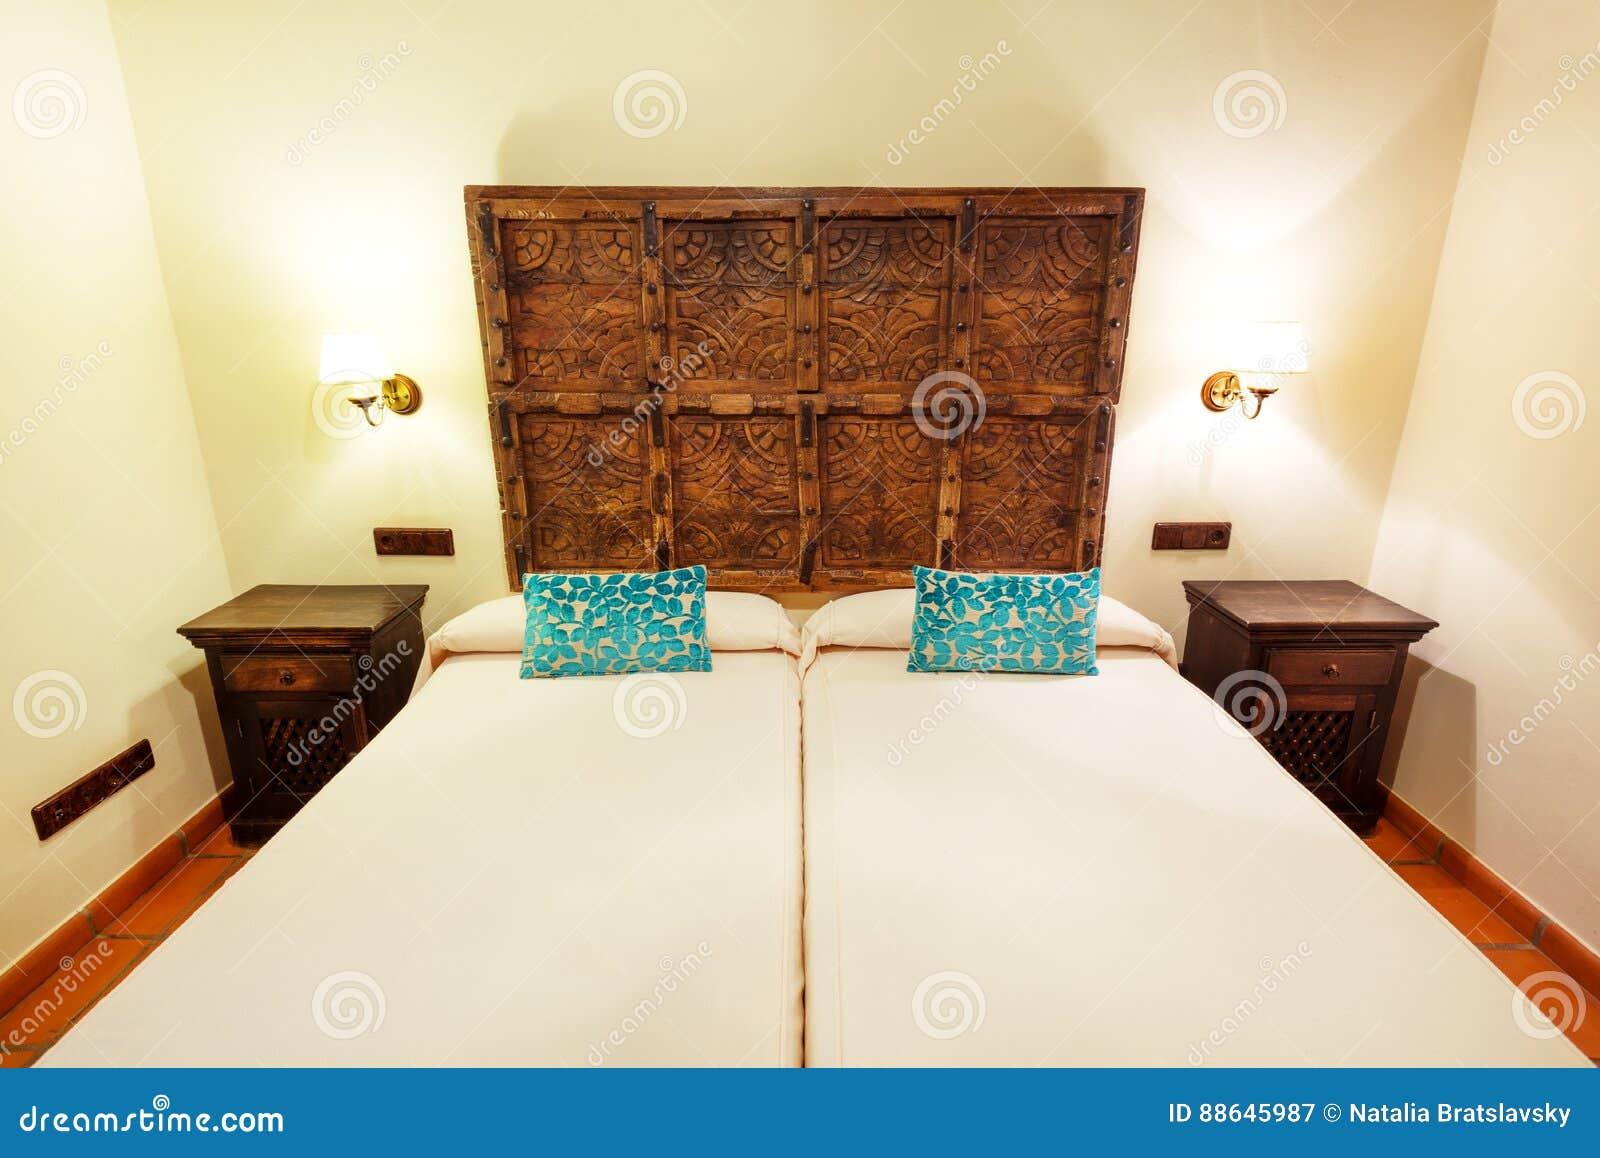 Camera Doppia In Hotel Spagnolo Immagine Stock - Immagine di ...